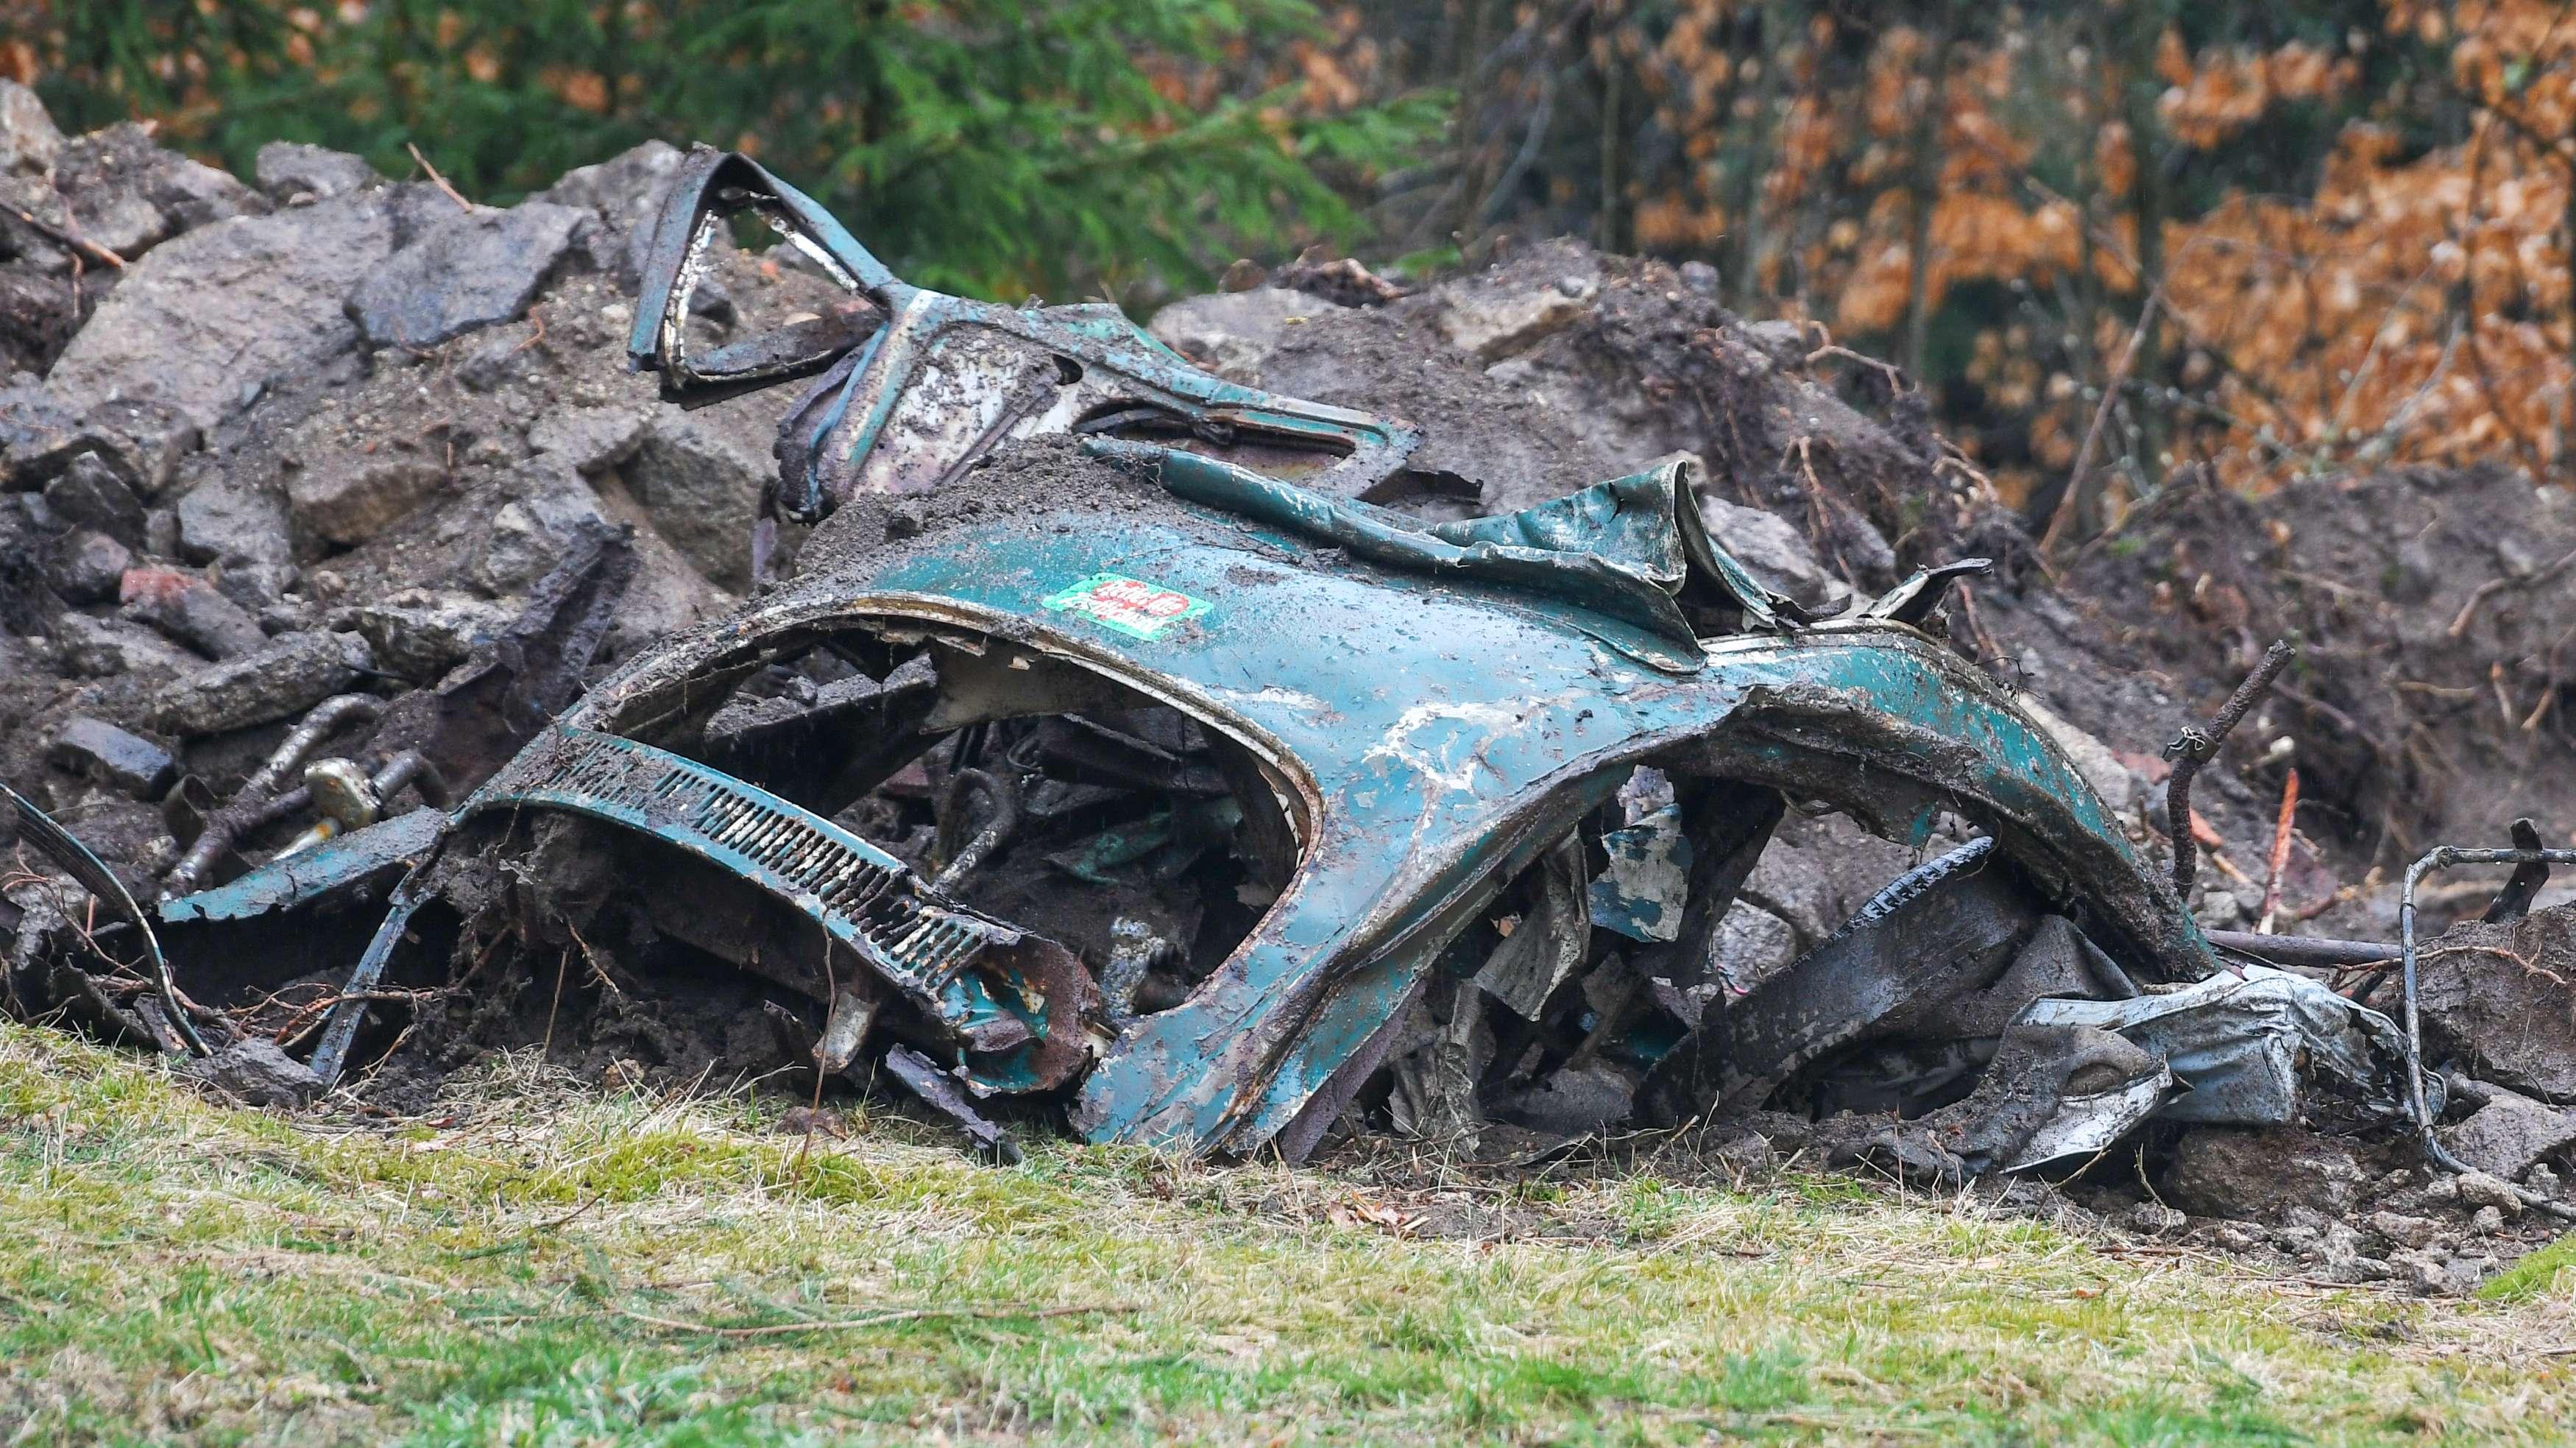 Bei den Grabungen wurde das Wrack eins grünen VW Käfers gefunden.